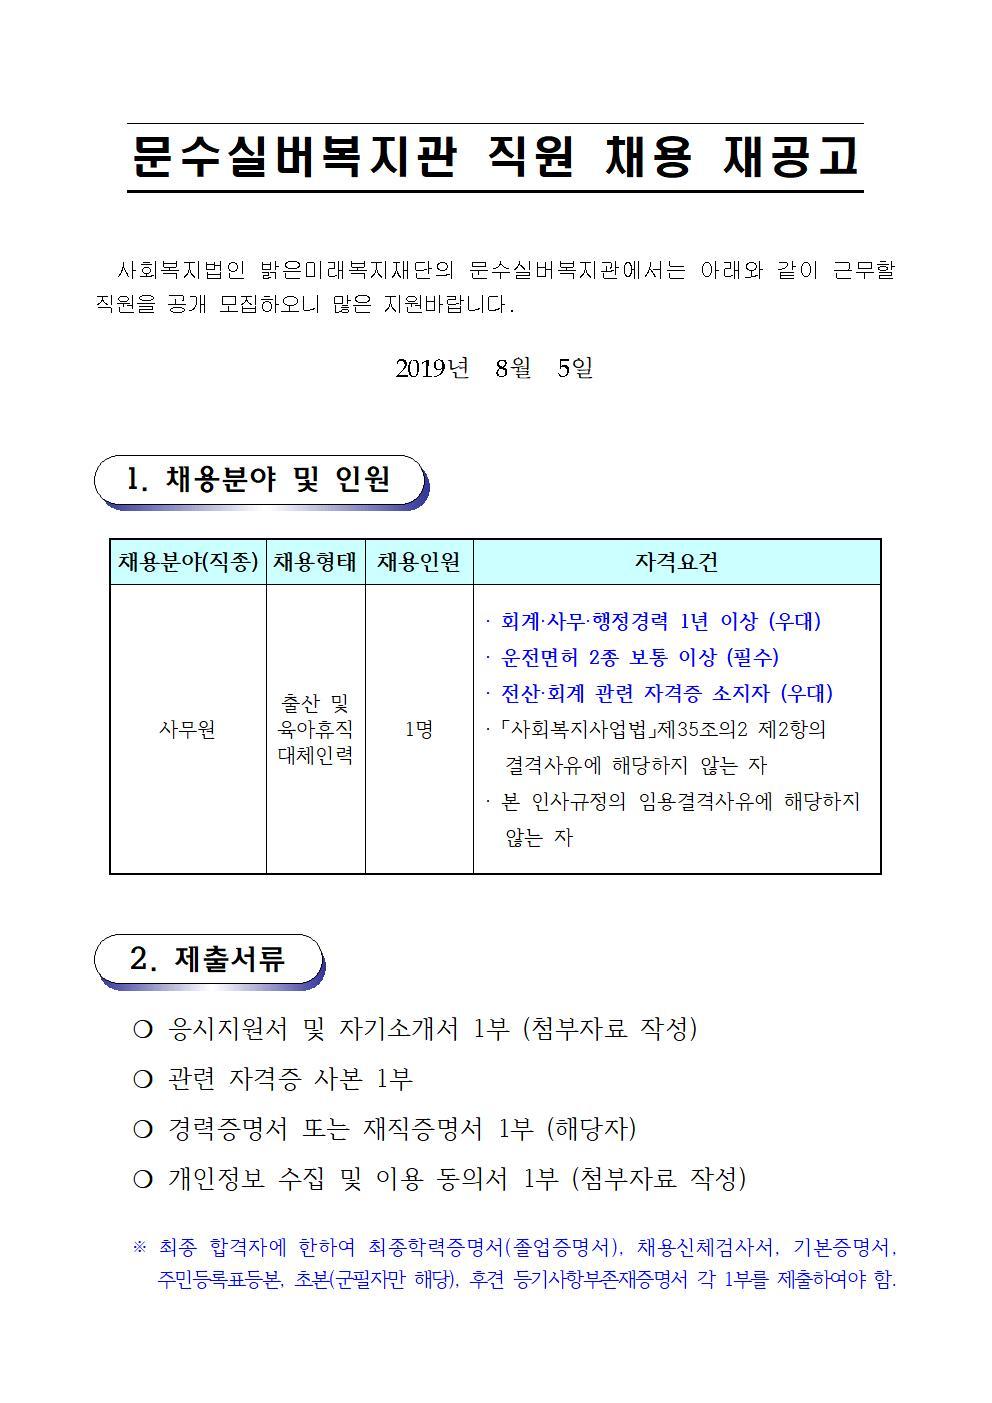 채용공고문(사무원_대체인력) (2019. 8. 5.)001.jpg